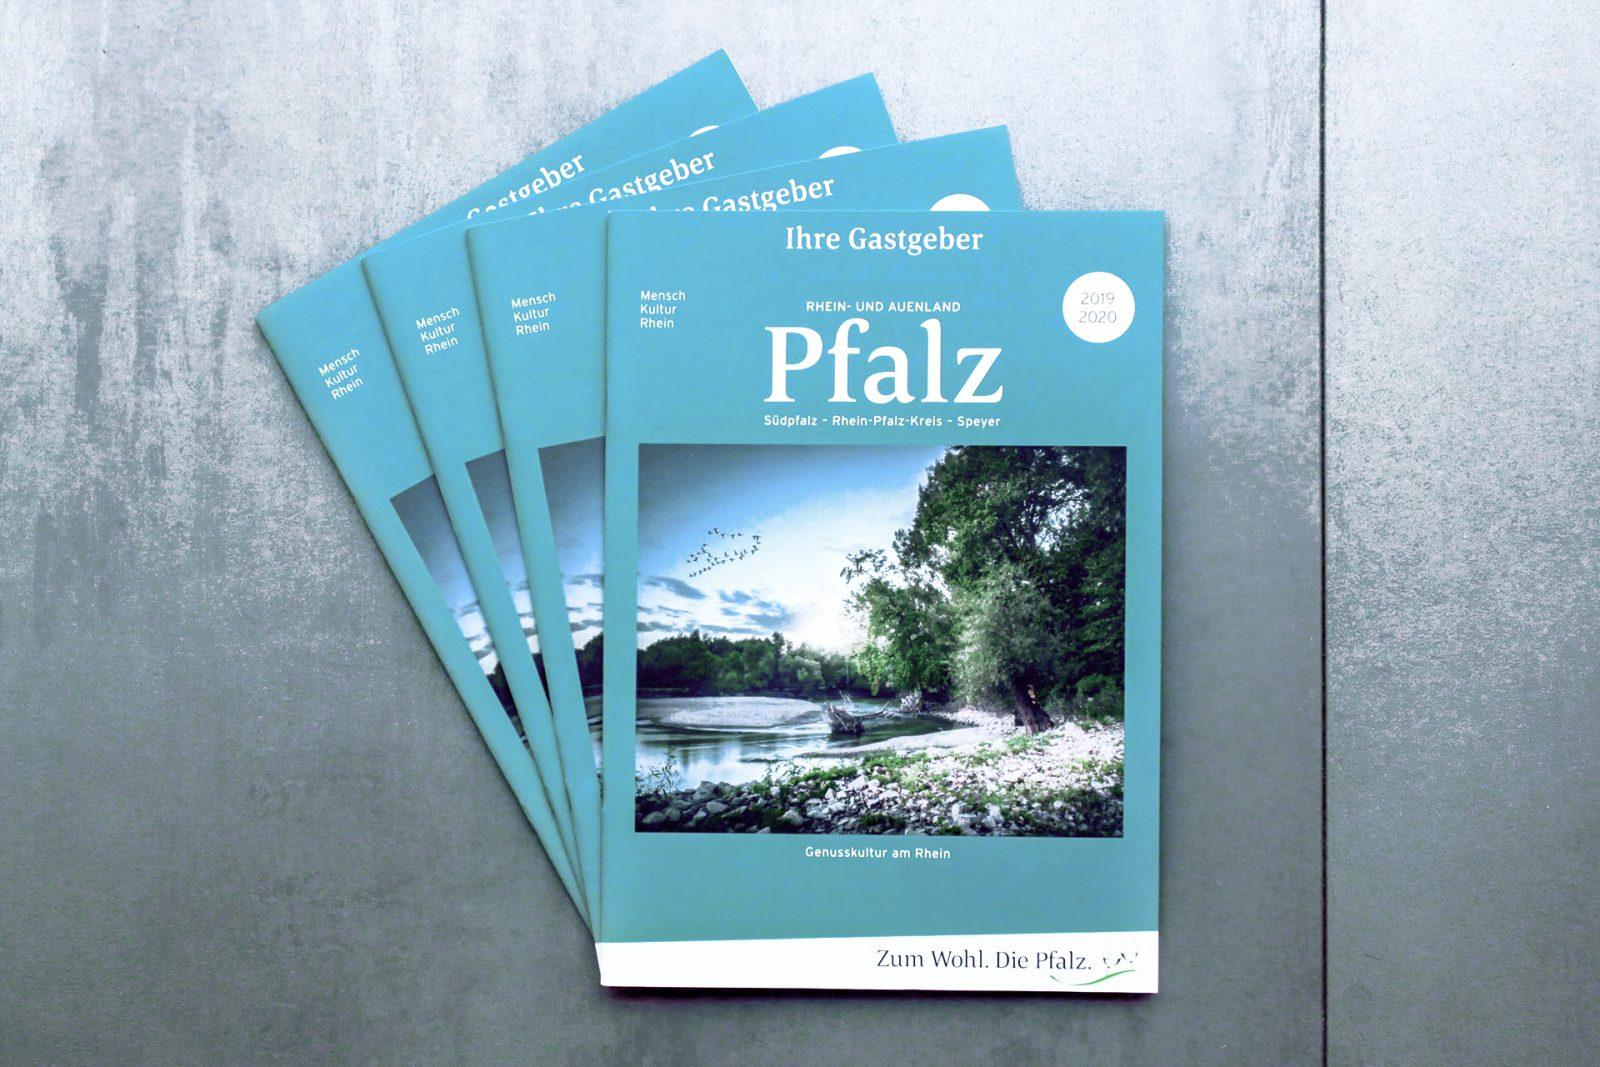 Sabath Media Werbeagentur - Südpfalz Tourismus – Gastgeberverzeichnis - Referenzbild 1